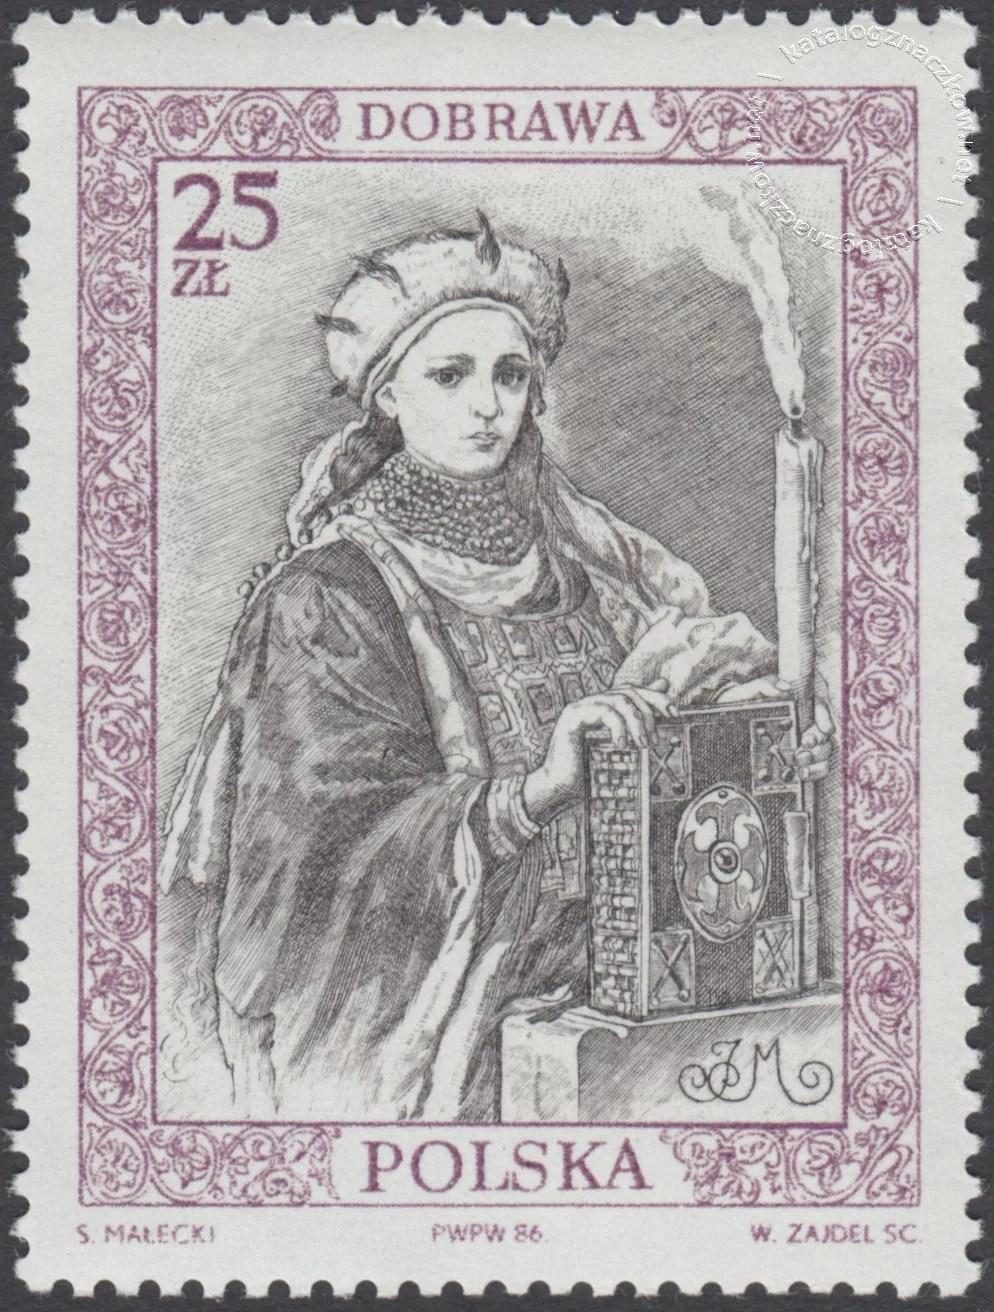 Poczet królów i książąt polskich znaczek nr 2919